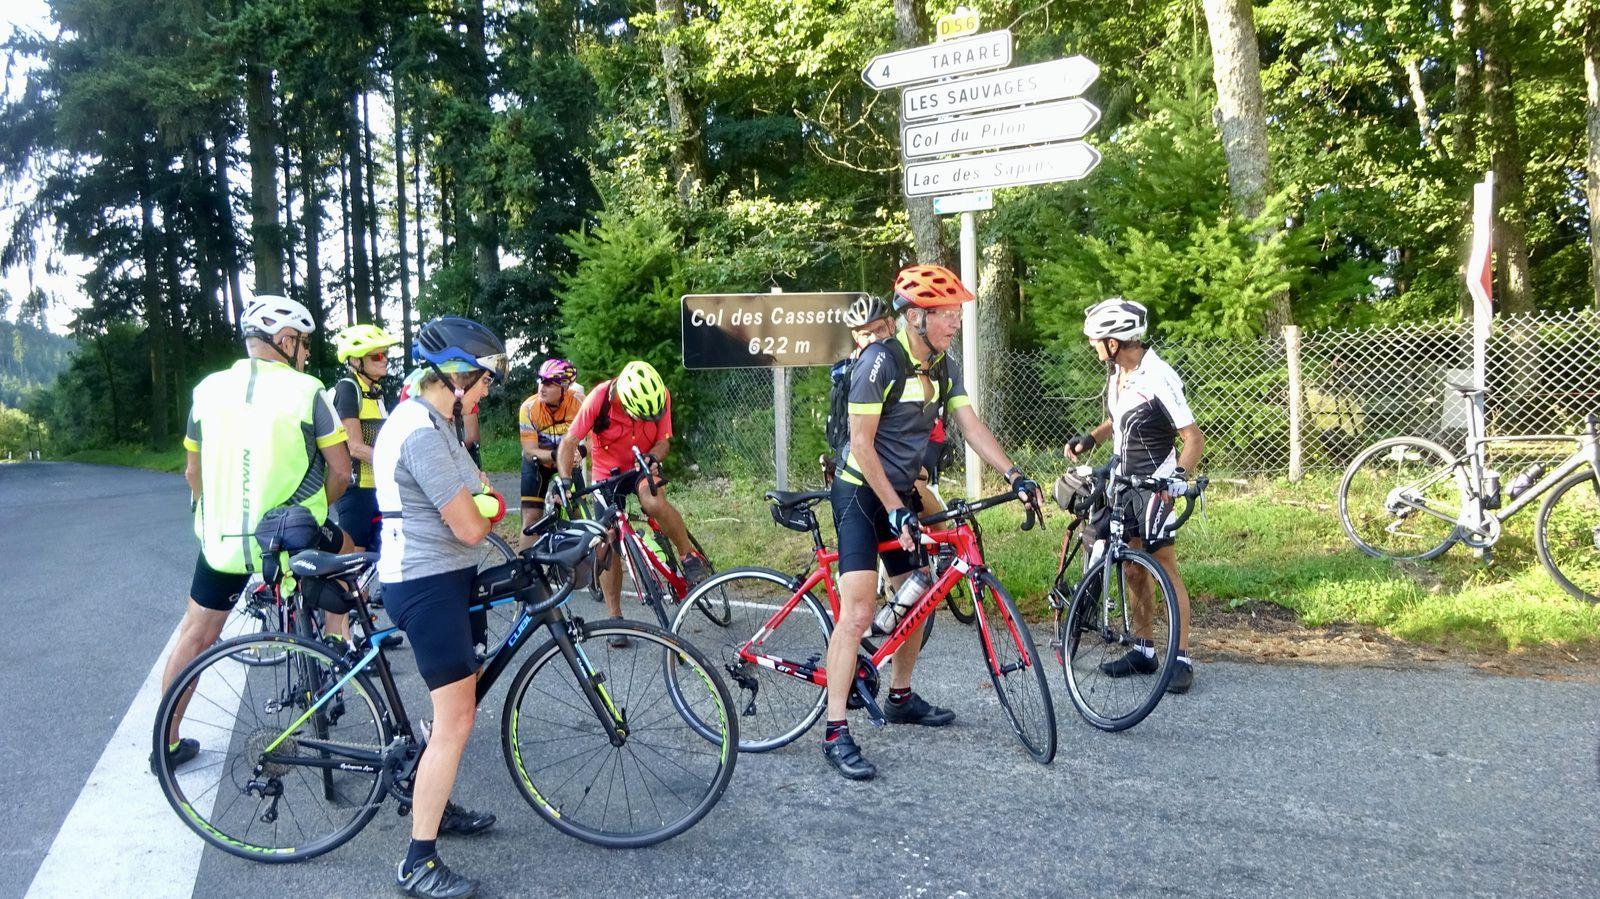 TOUR DU RHONE- Etape 2 -St Clément sur Valsonne >>Ouroux  - Jeudi 26 aout 2021